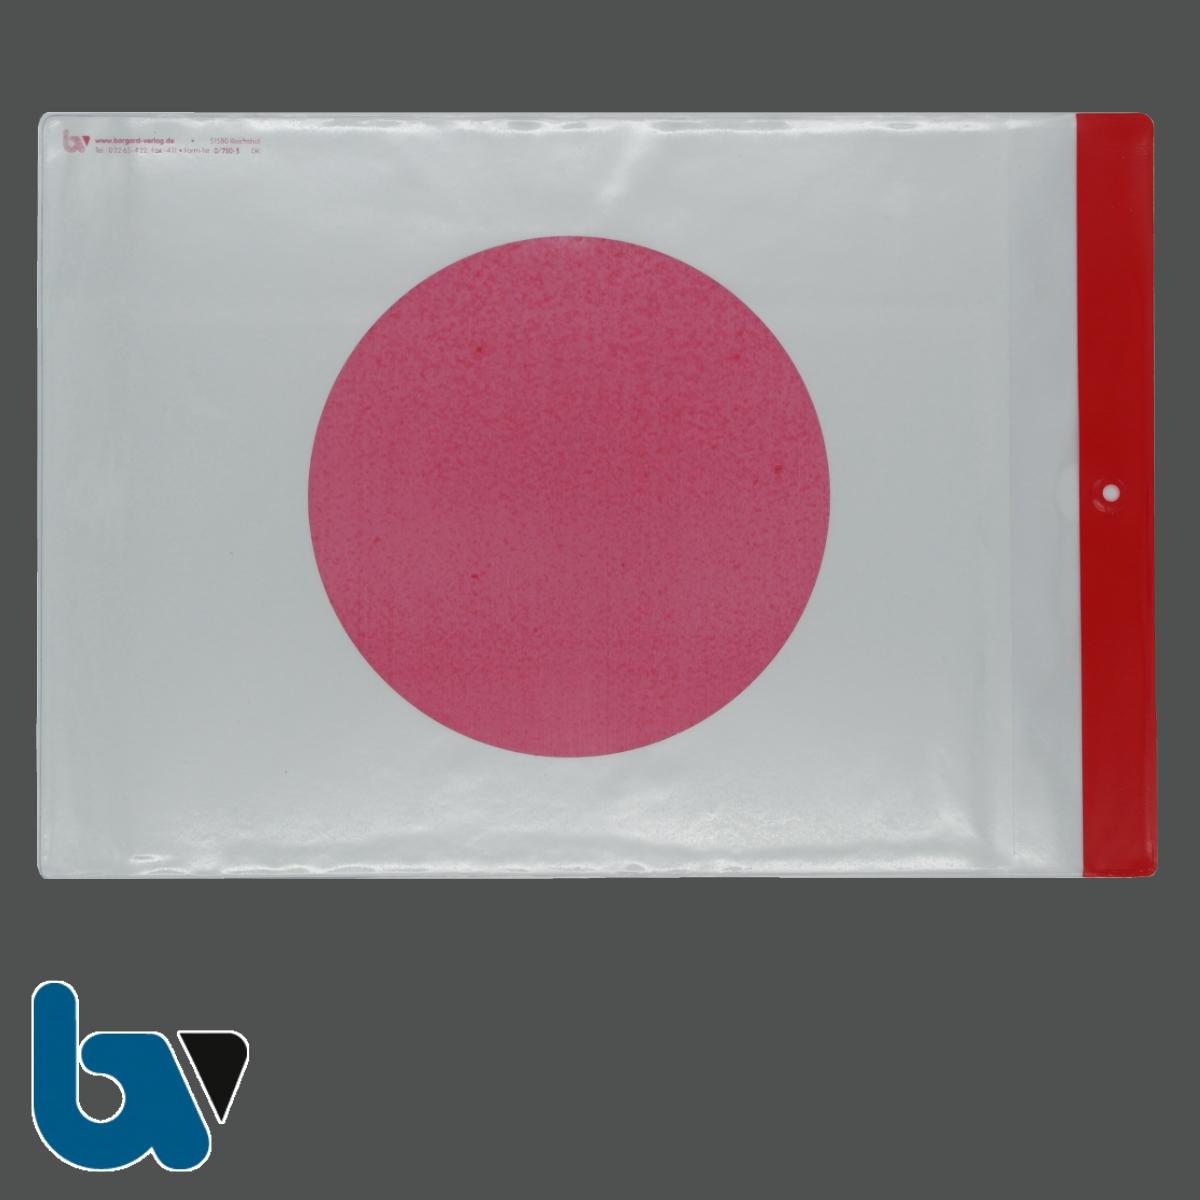 0/780-3 Schutzhülle Baustellenschild roter Punkt aufgedruckt Bauordnung Kunststoff wetterfest Loch Befestigung DIN A4 Vorderseite   Borgard Verlag GmbH